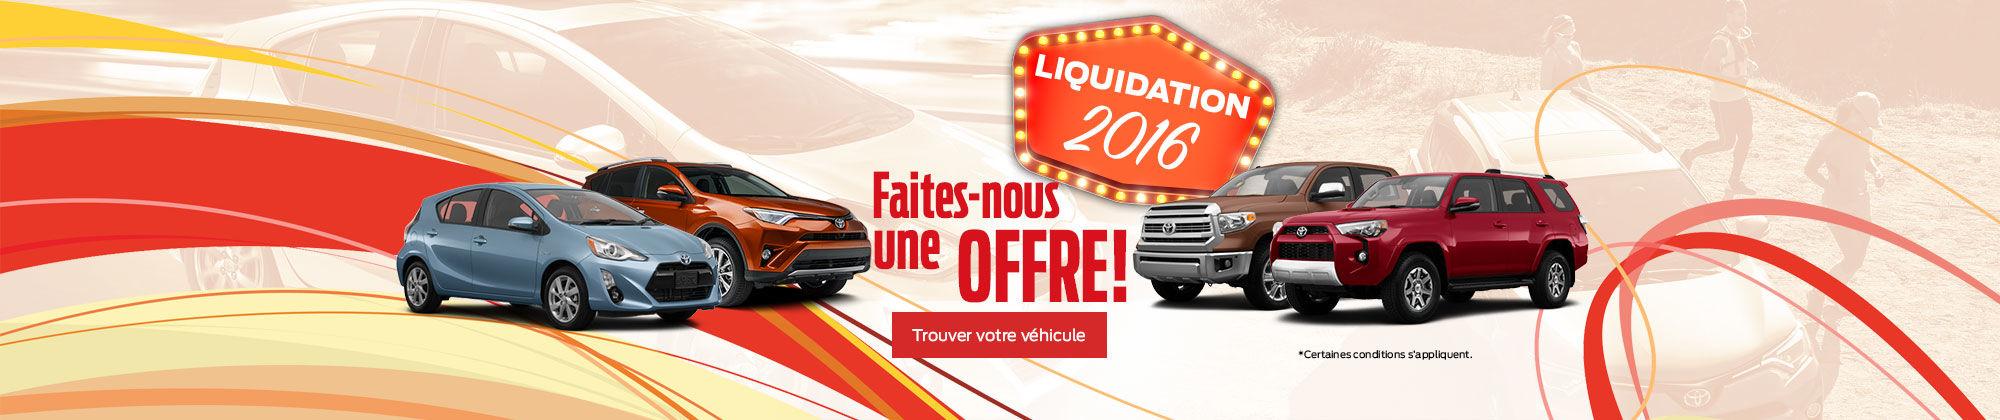 Liquidation 2016